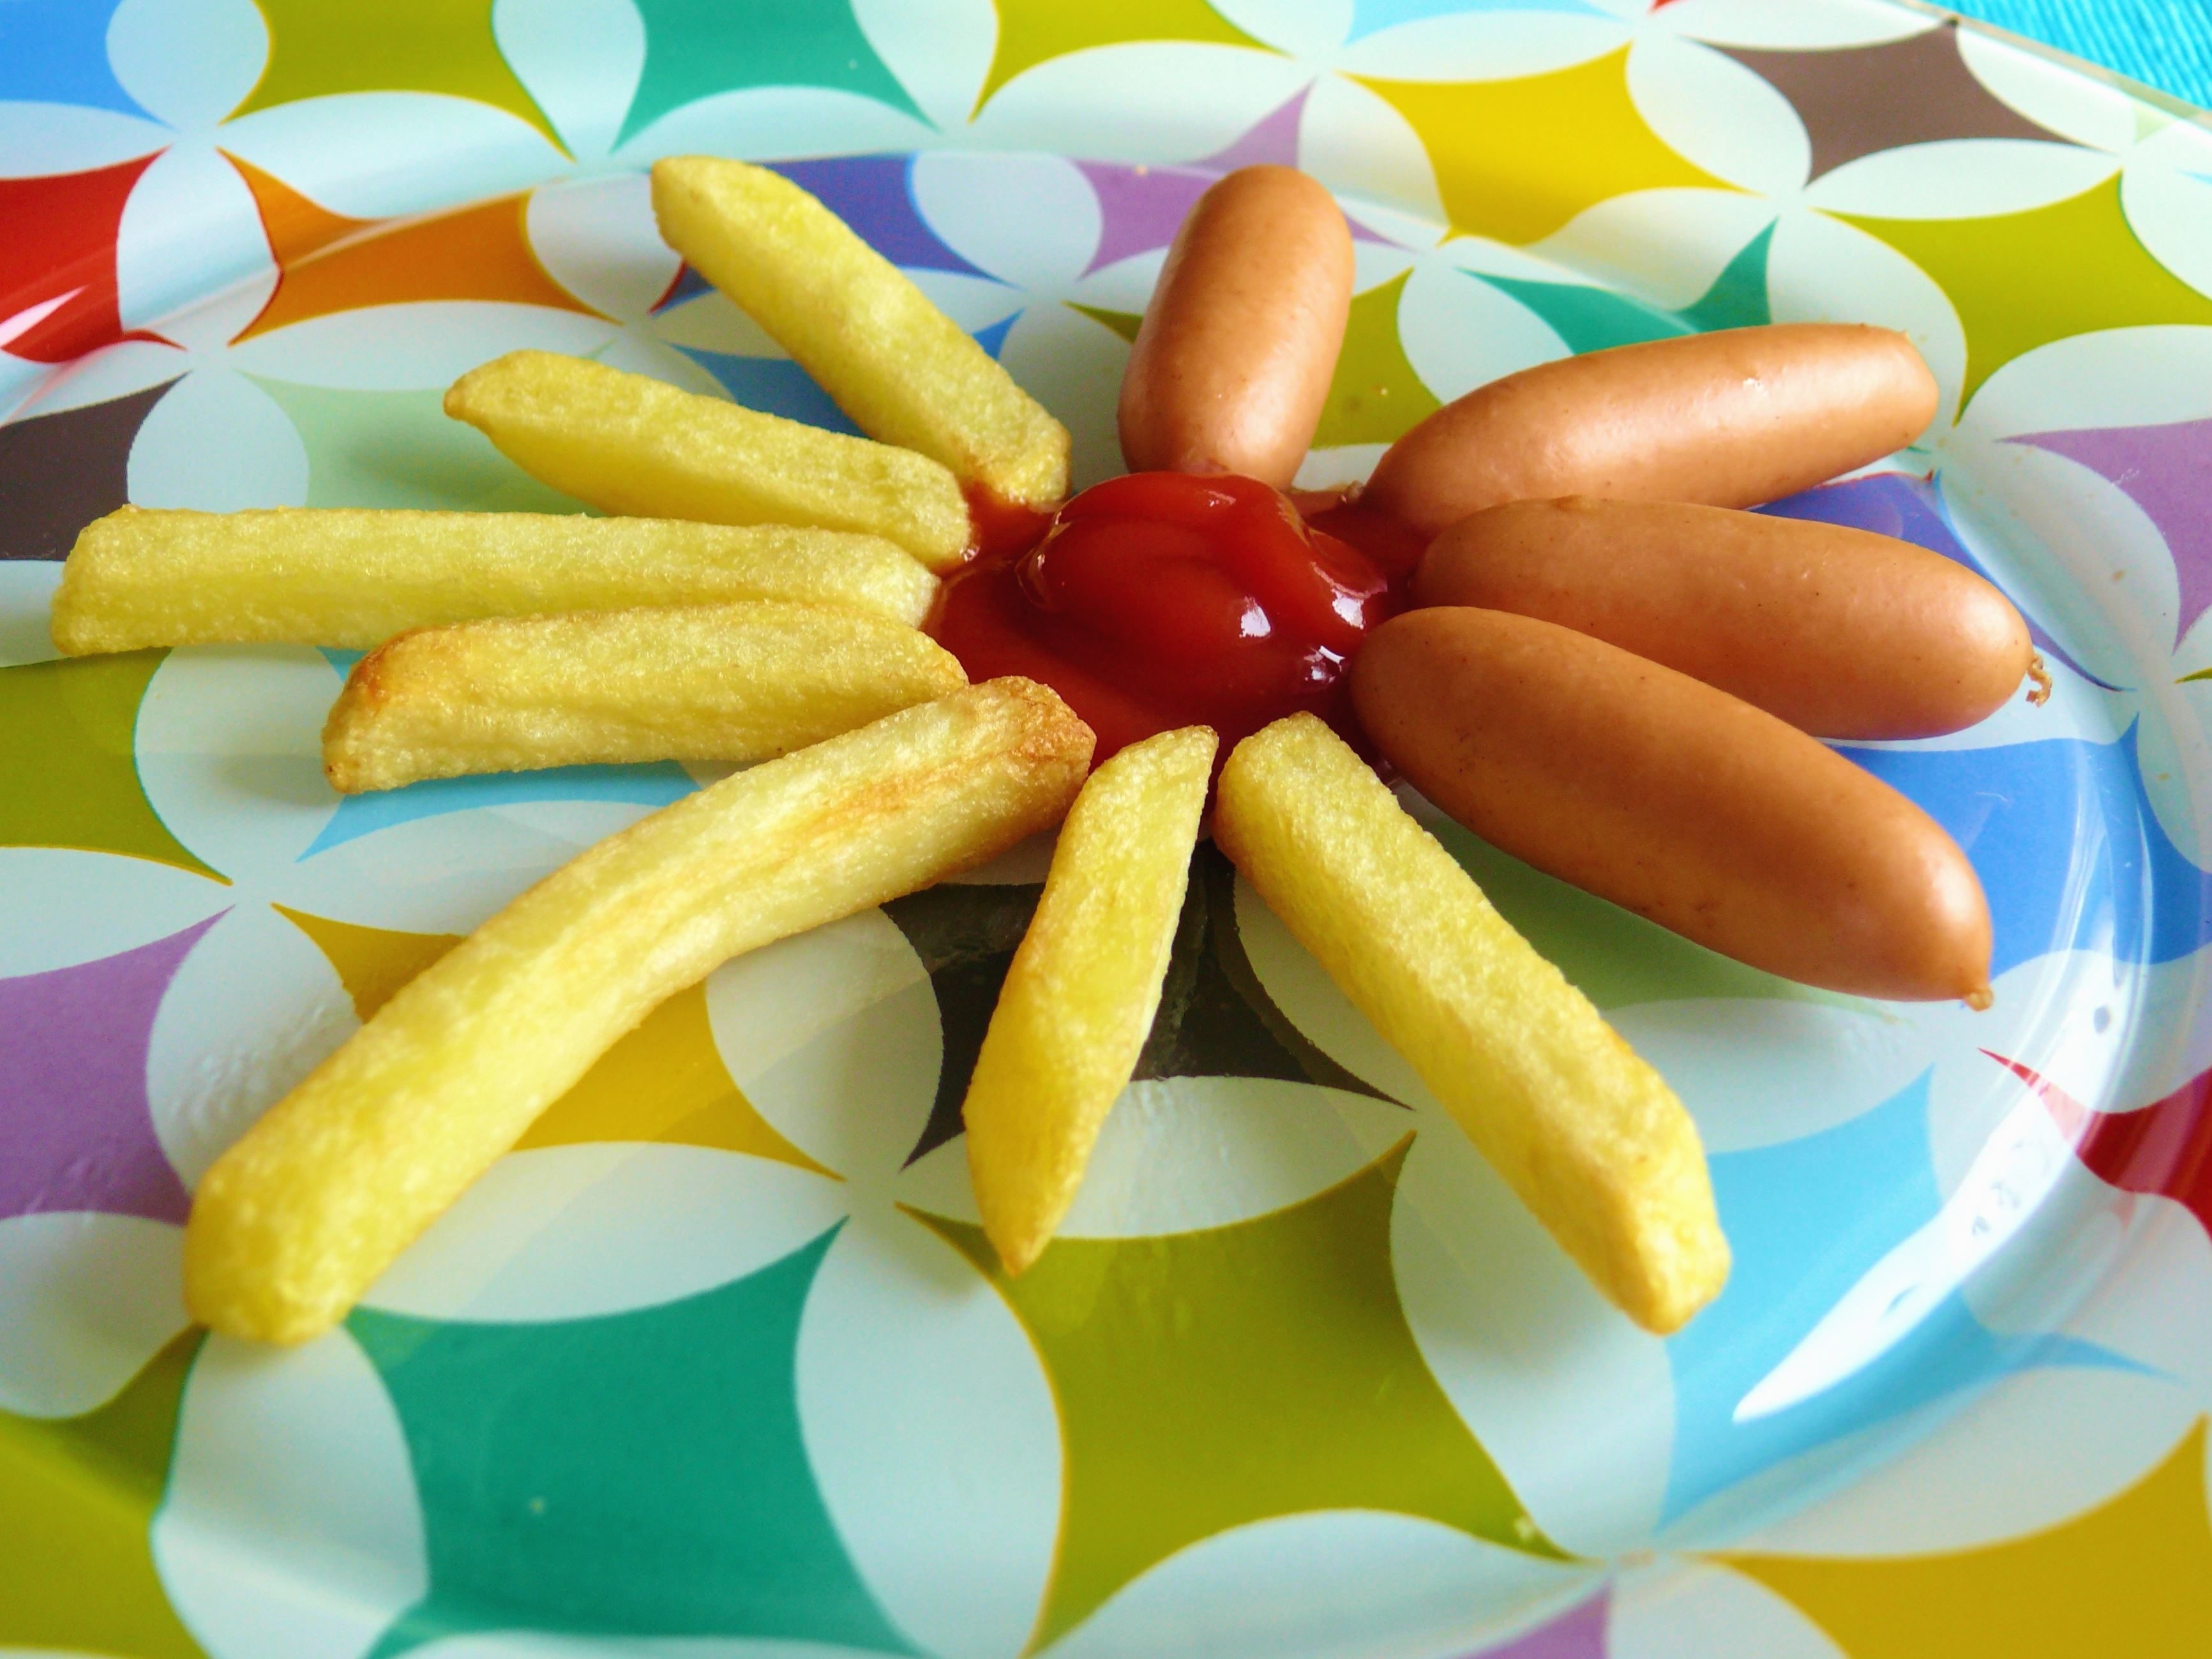 Image Libre Nourriture Frites Pommes De Terre Saucisse